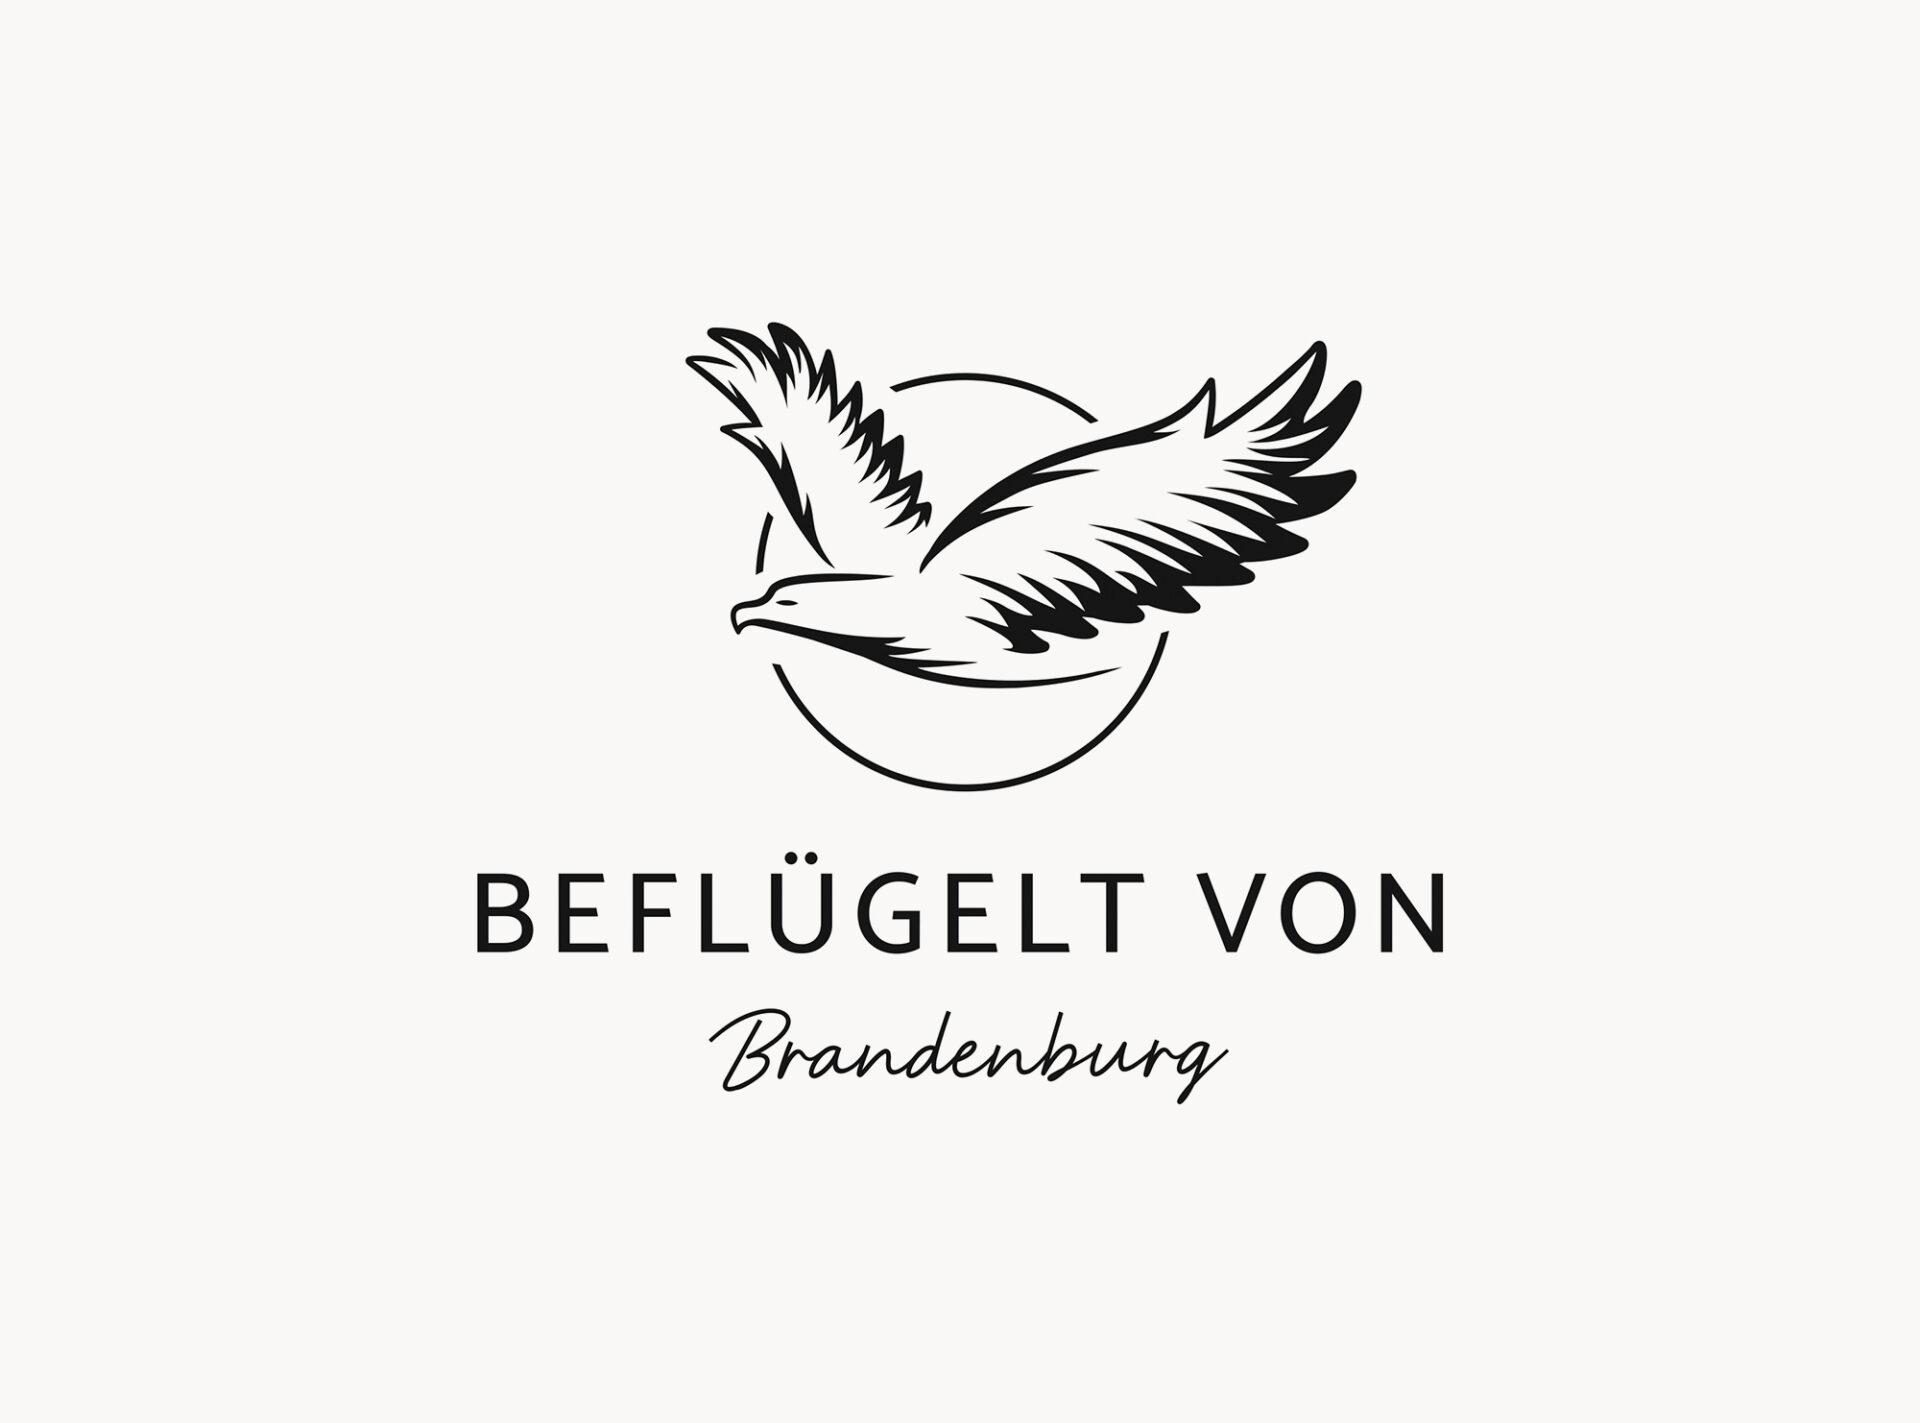 befluegelt-von_logo-1